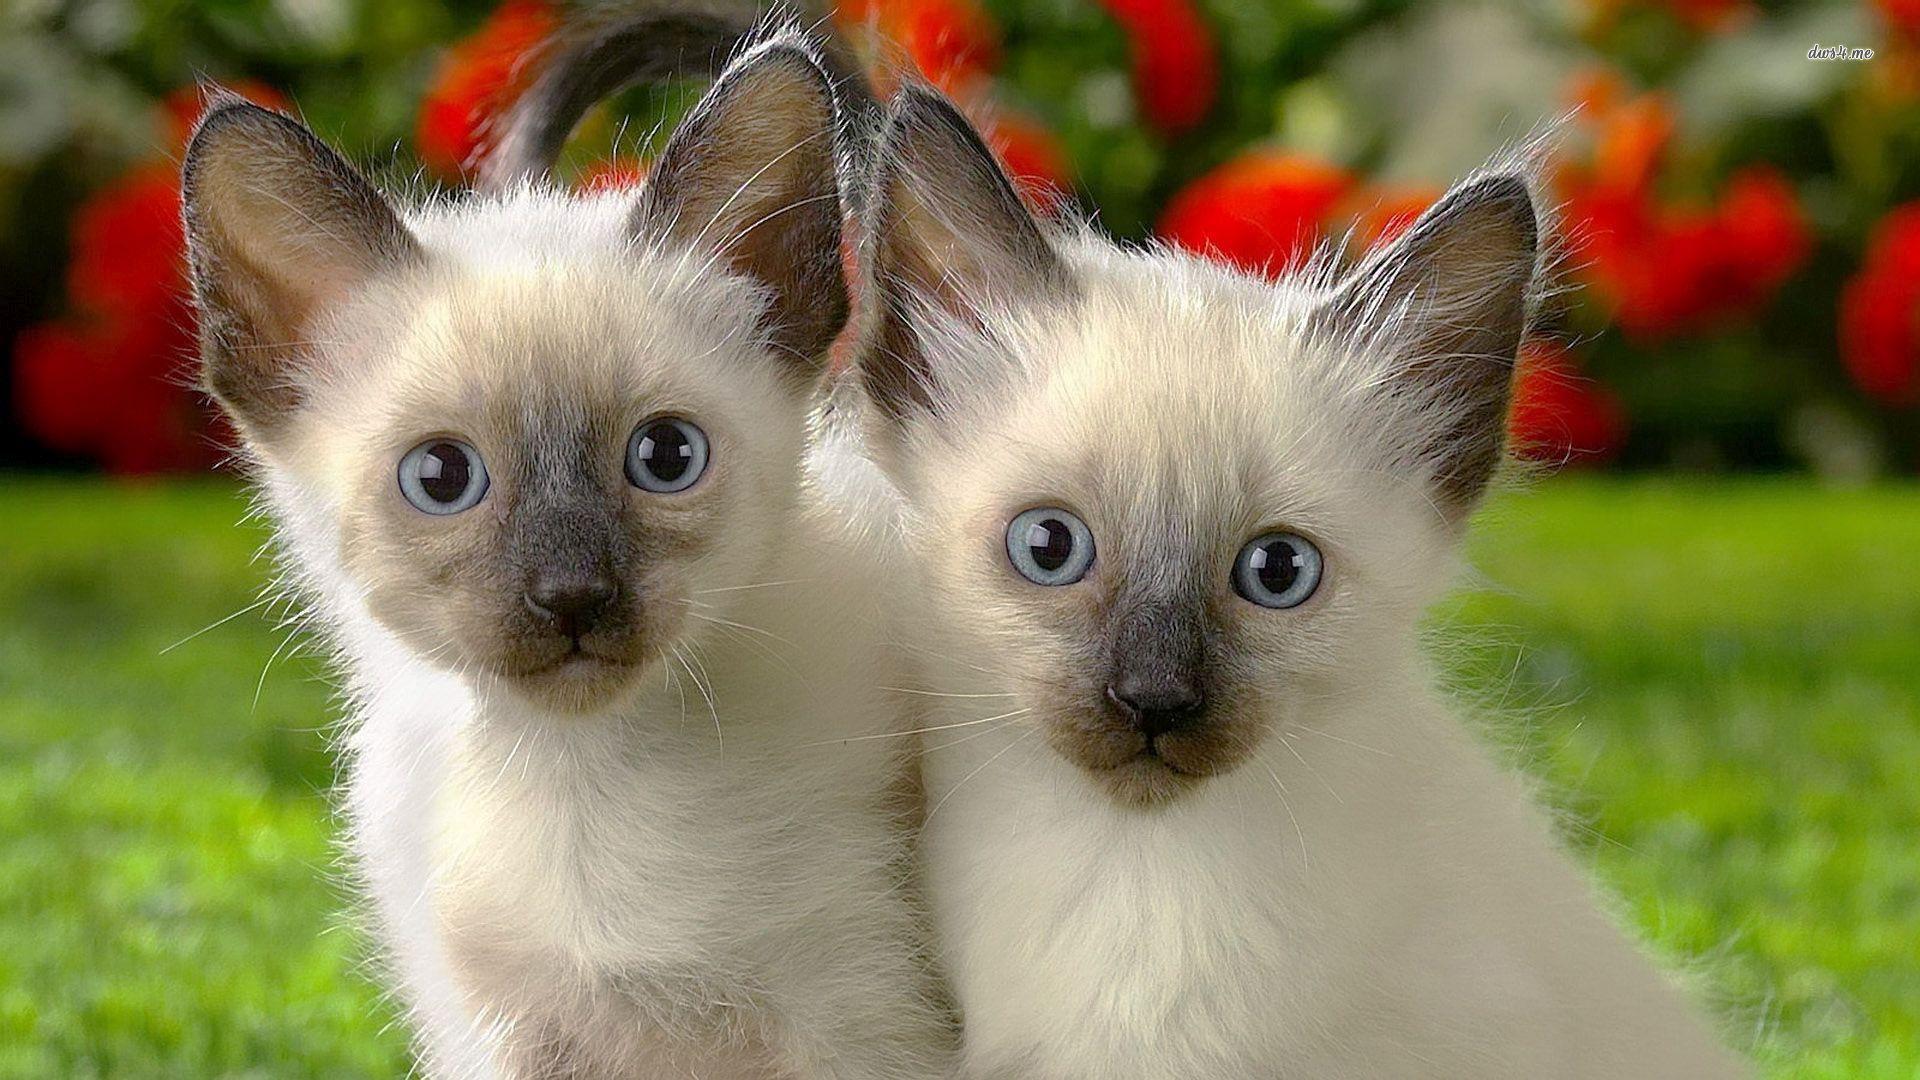 siamese cats wallpaper 3 - photo #22